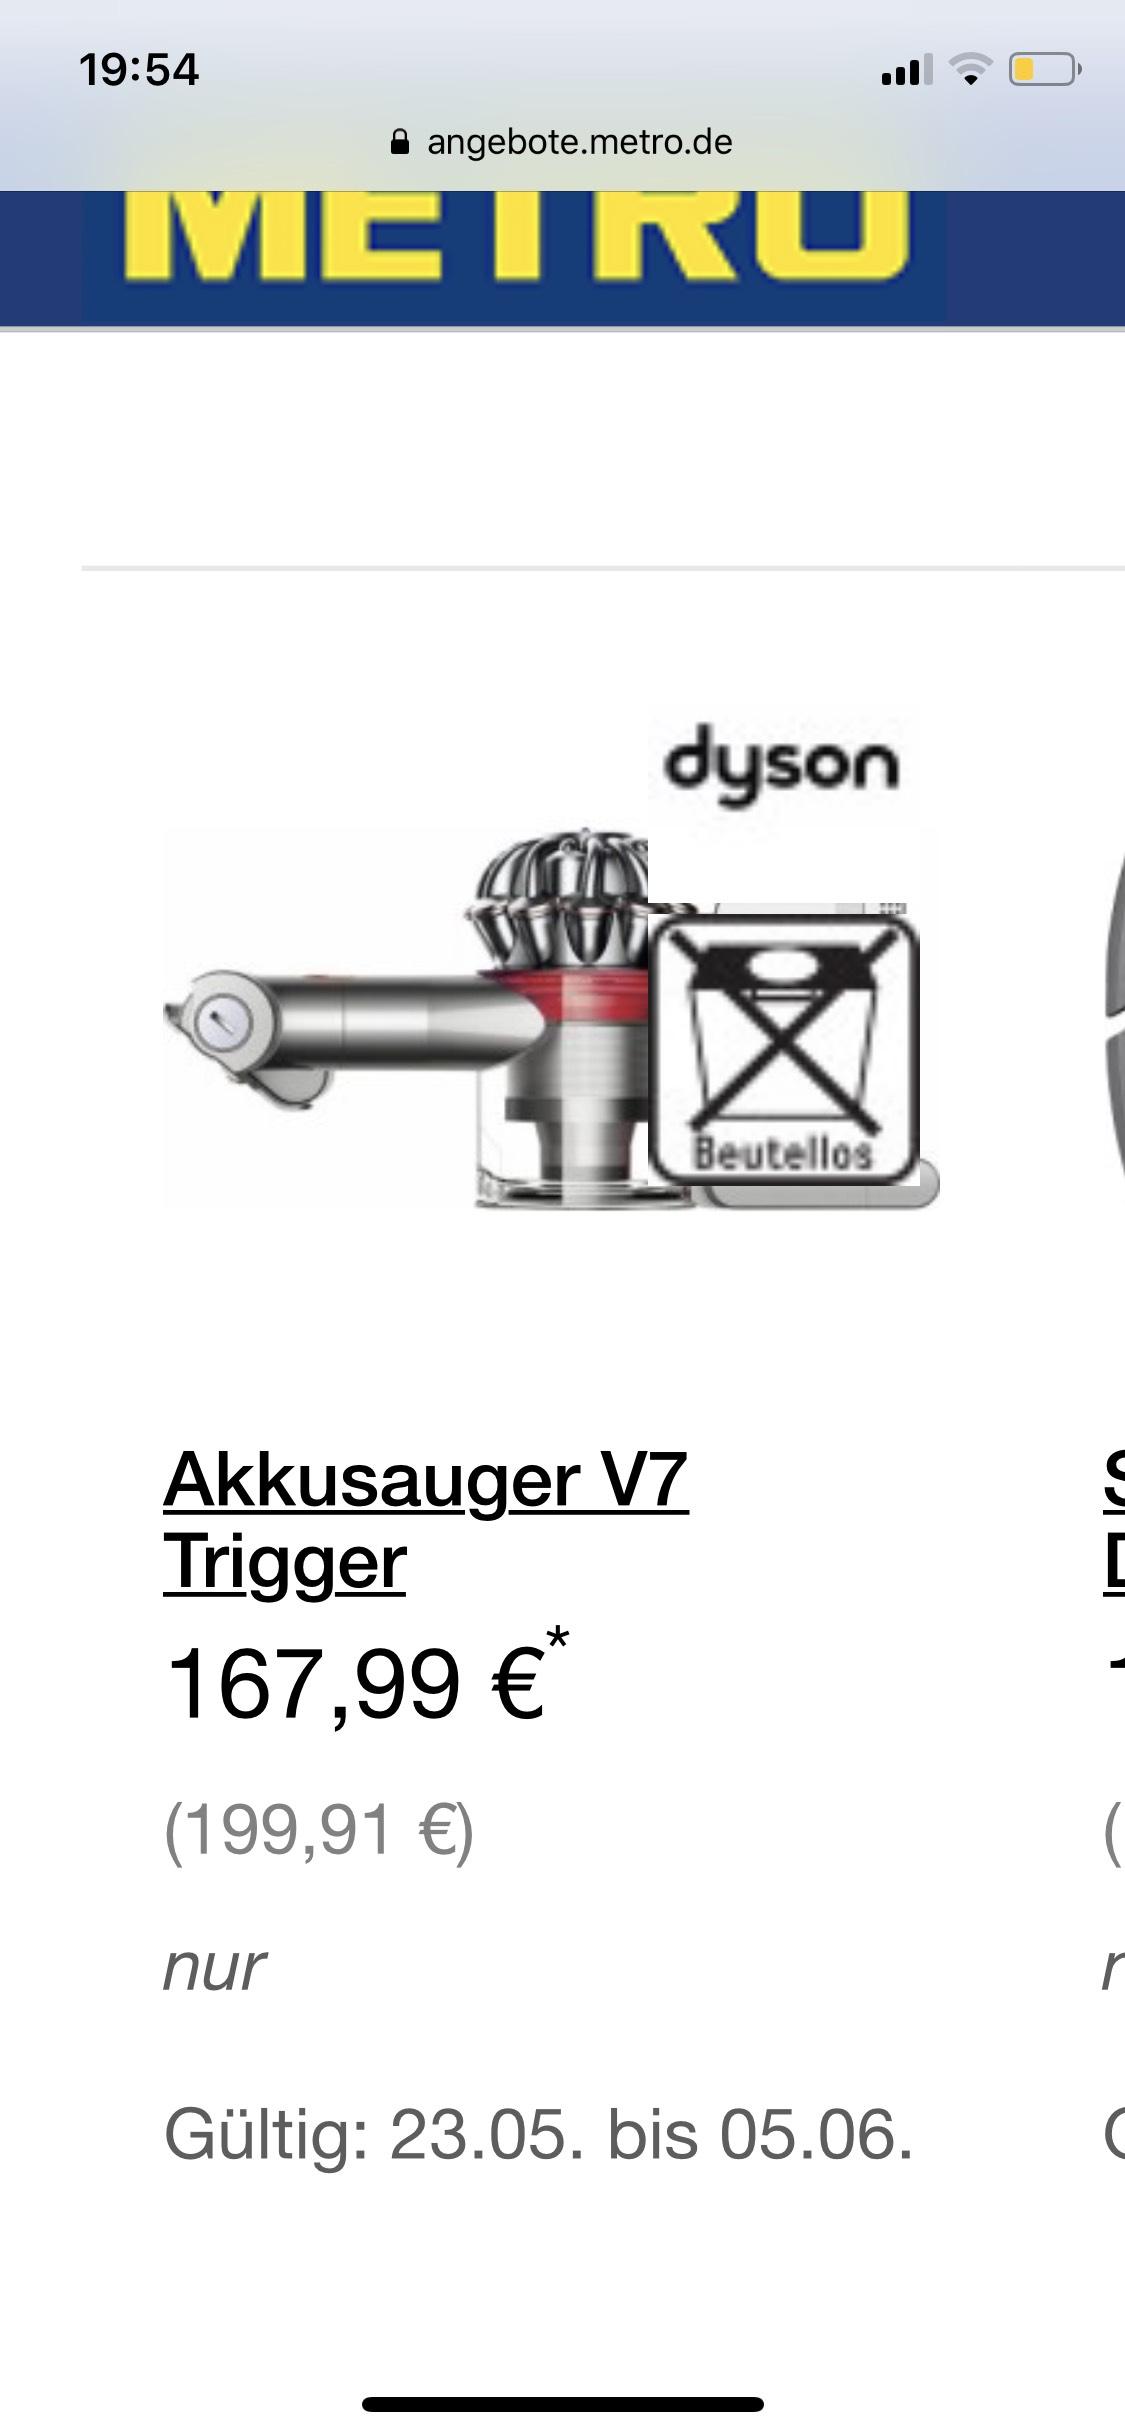 dyson akkusauger v7 trigger. Black Bedroom Furniture Sets. Home Design Ideas